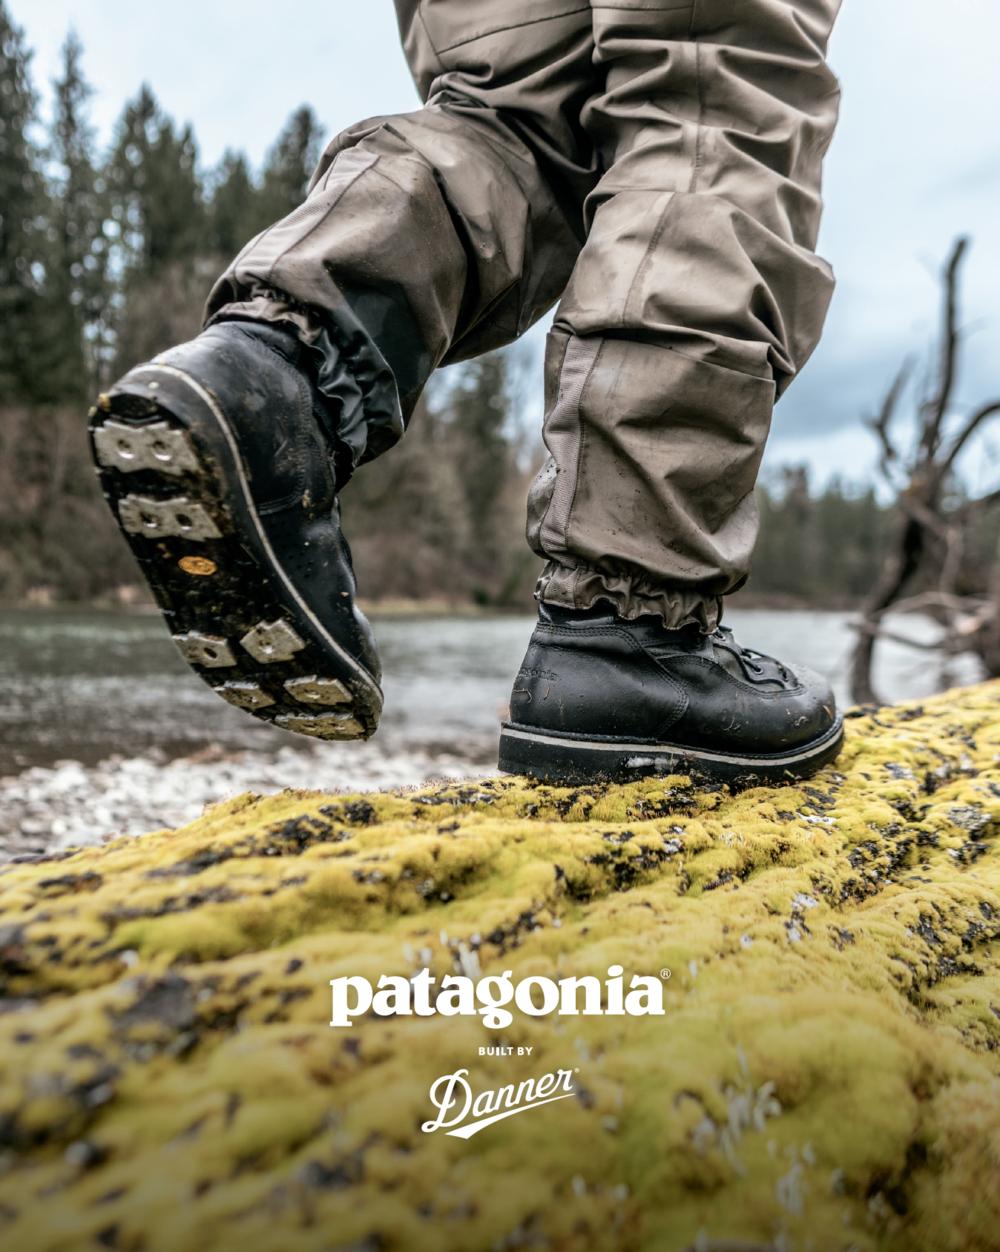 Patagonia + Danner